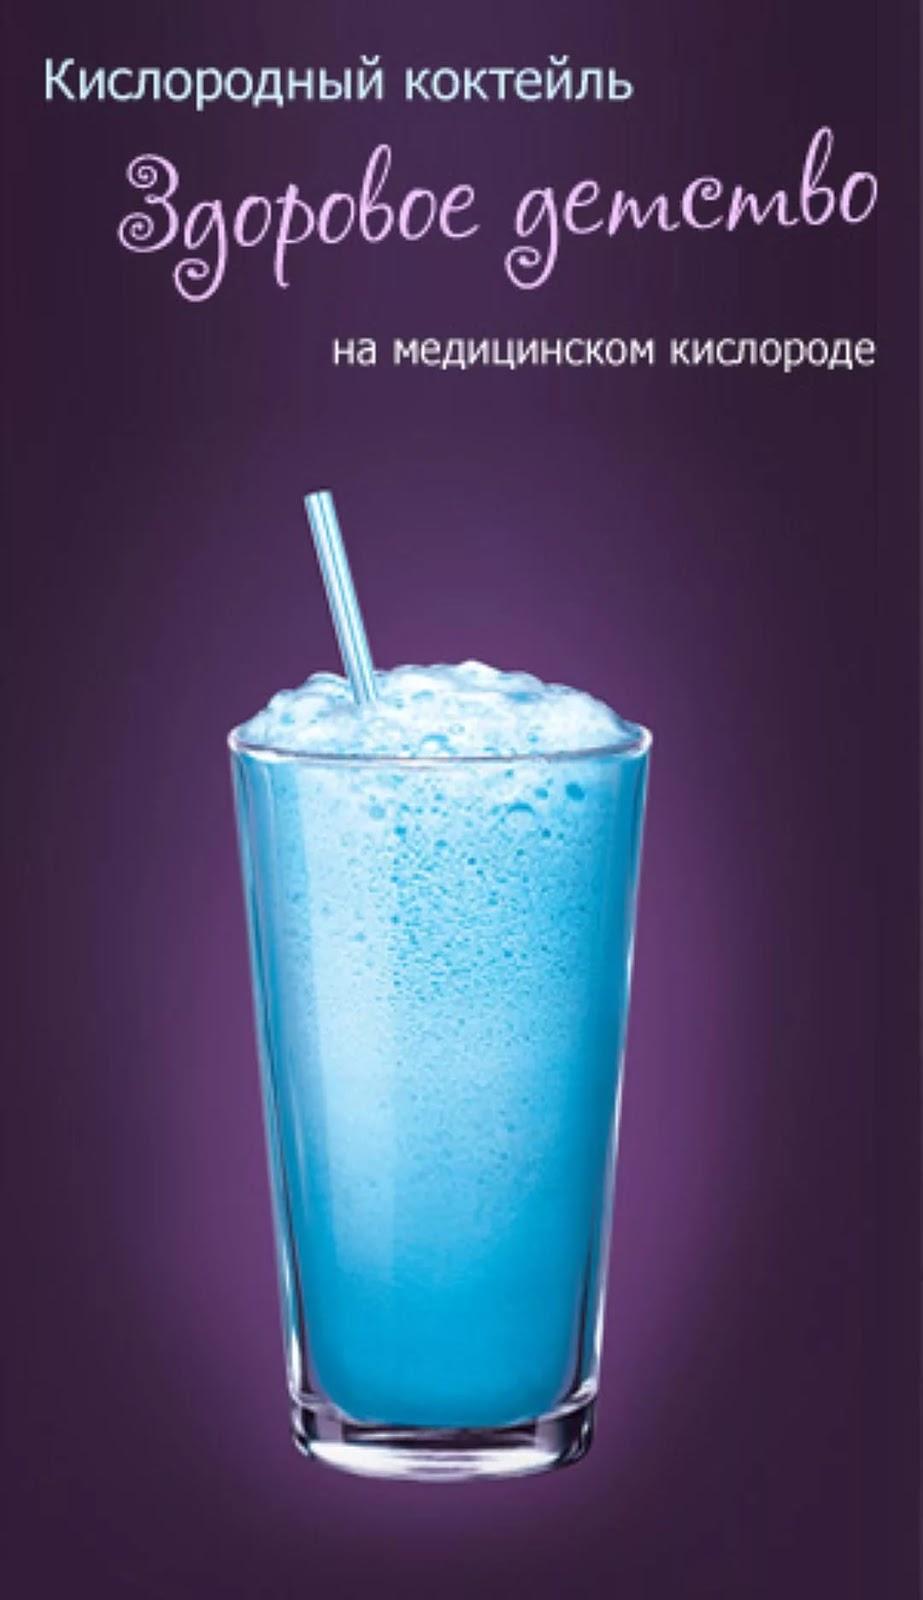 Кислородный коктейль для беременных алматы 2